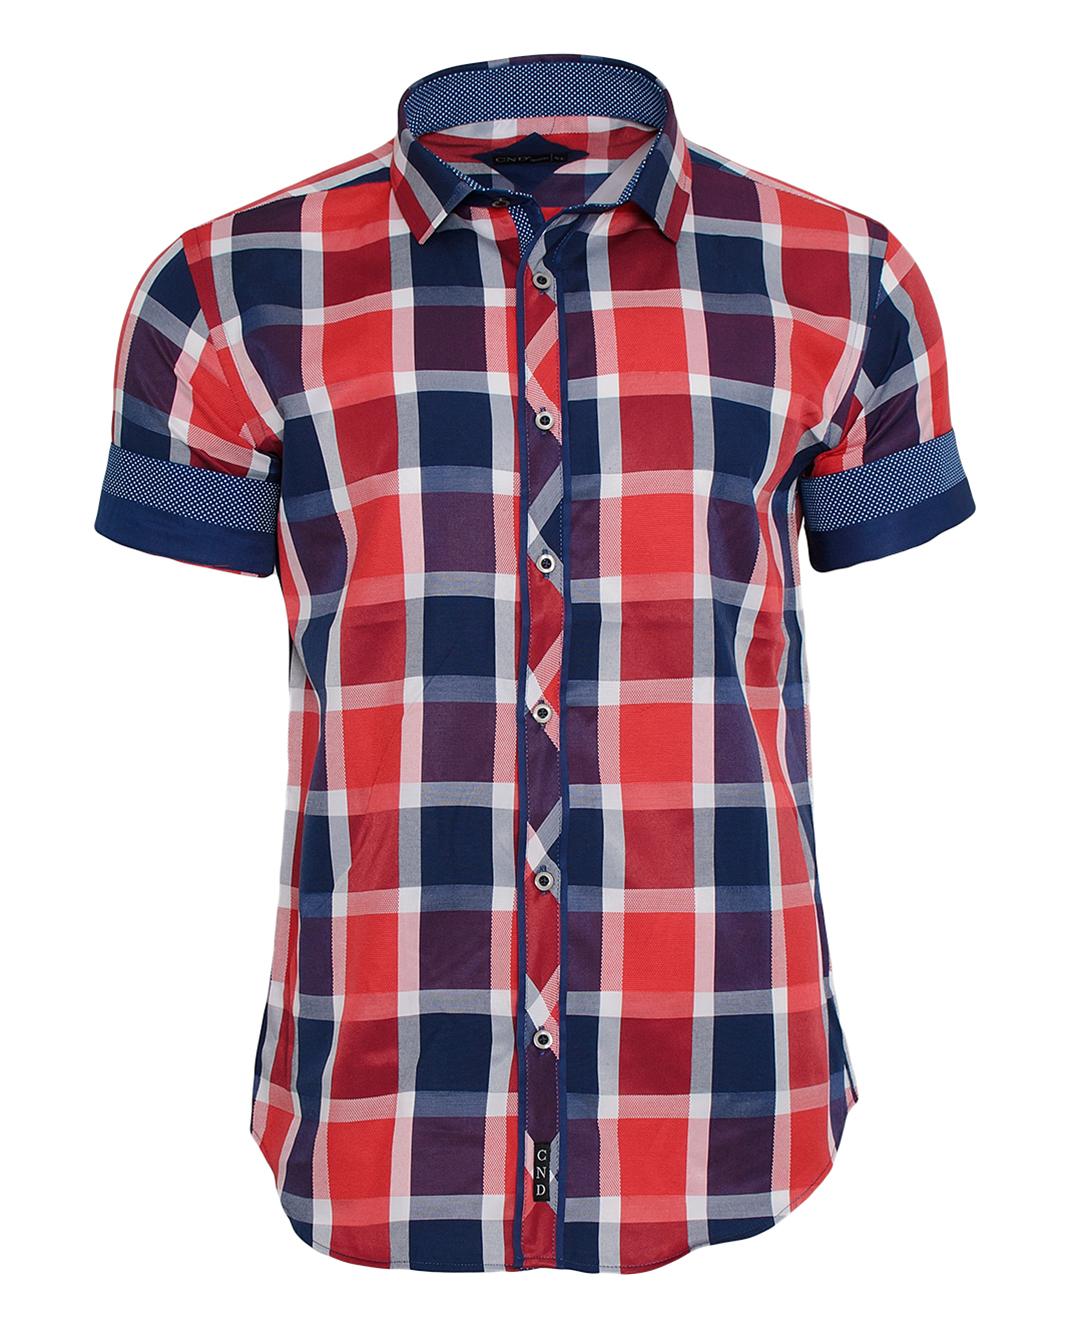 Κοντομάνικο Πουκάμισο Red Καρώ-Κόκκινο αρχική ανδρικά ρούχα πουκάμισα